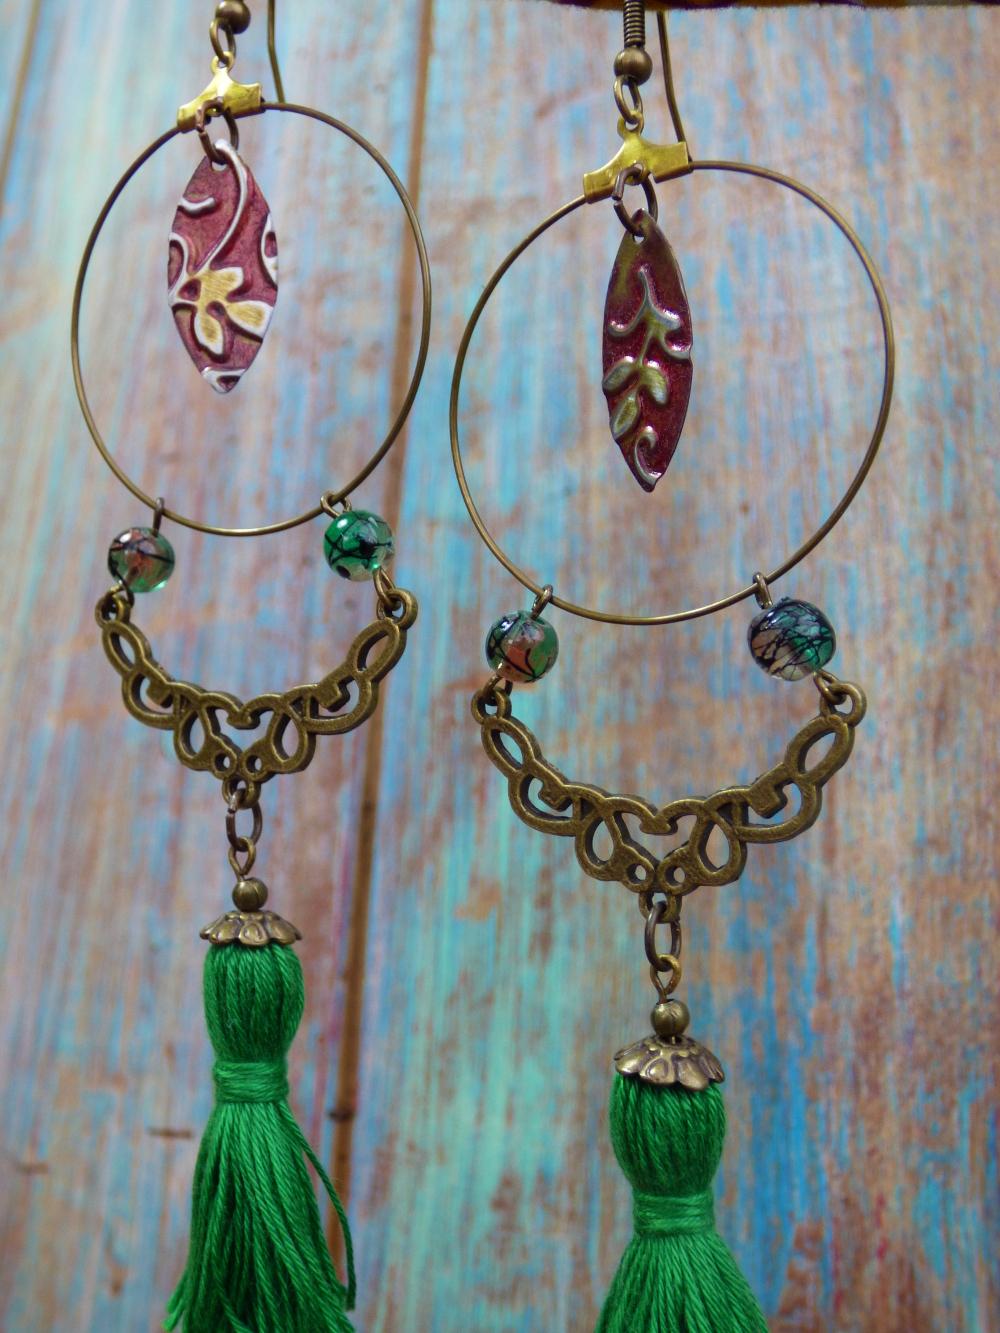 Boucles d'oreilles créoles orientales bohèmes à pompons verts et arabesques bronze .